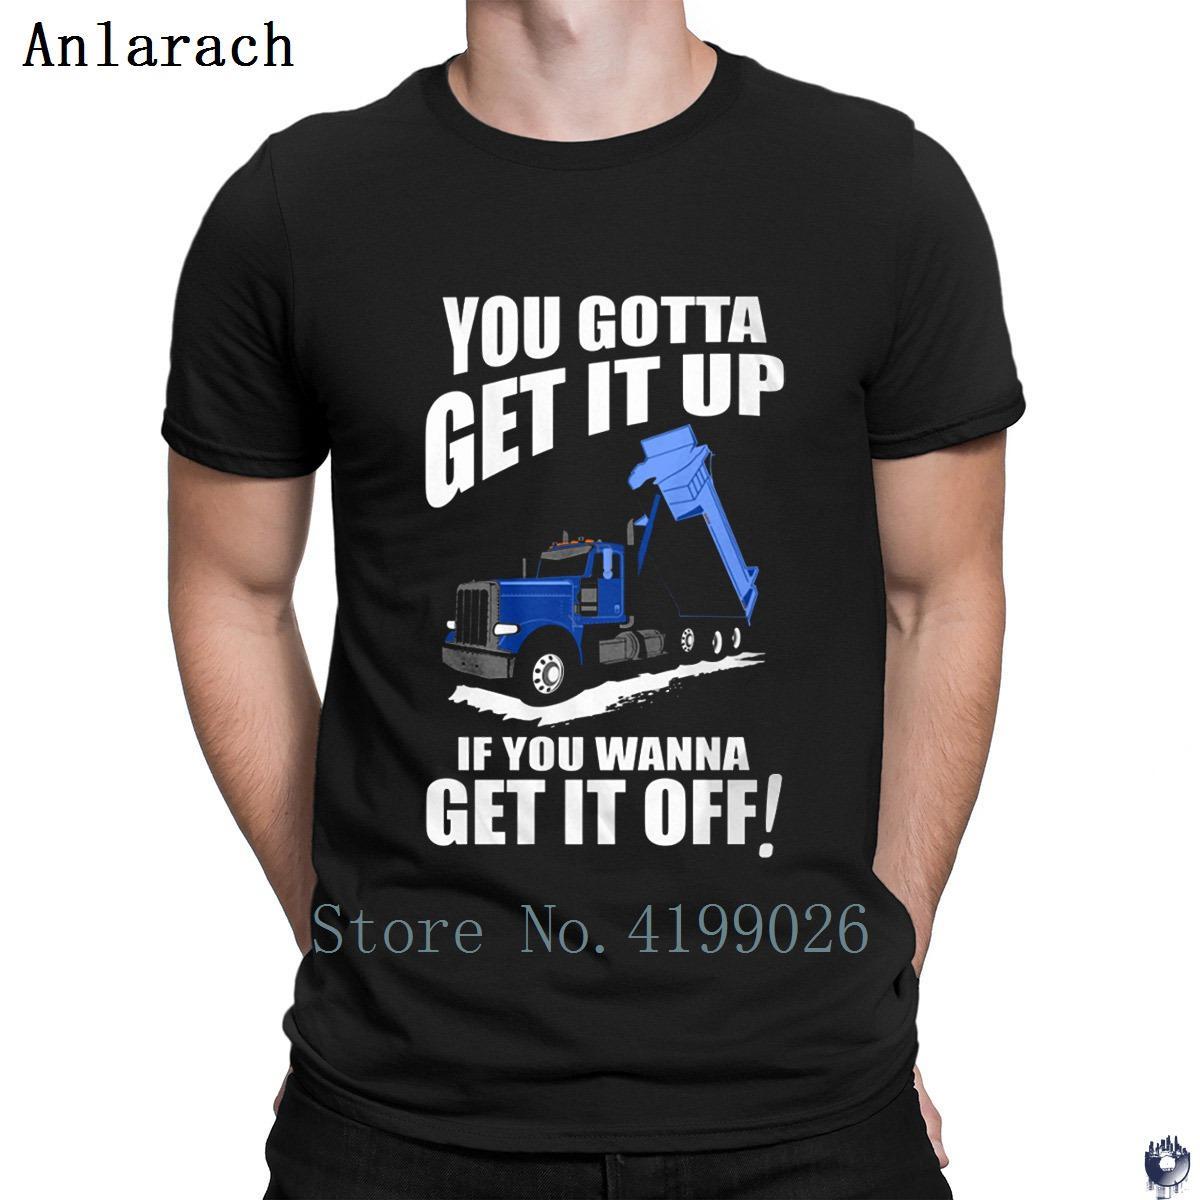 Самосвал Get It Up футболки интересные персонализированные смешные повседневные O шеи футболка для мужчин летний стиль одежды хип-хоп тонкий